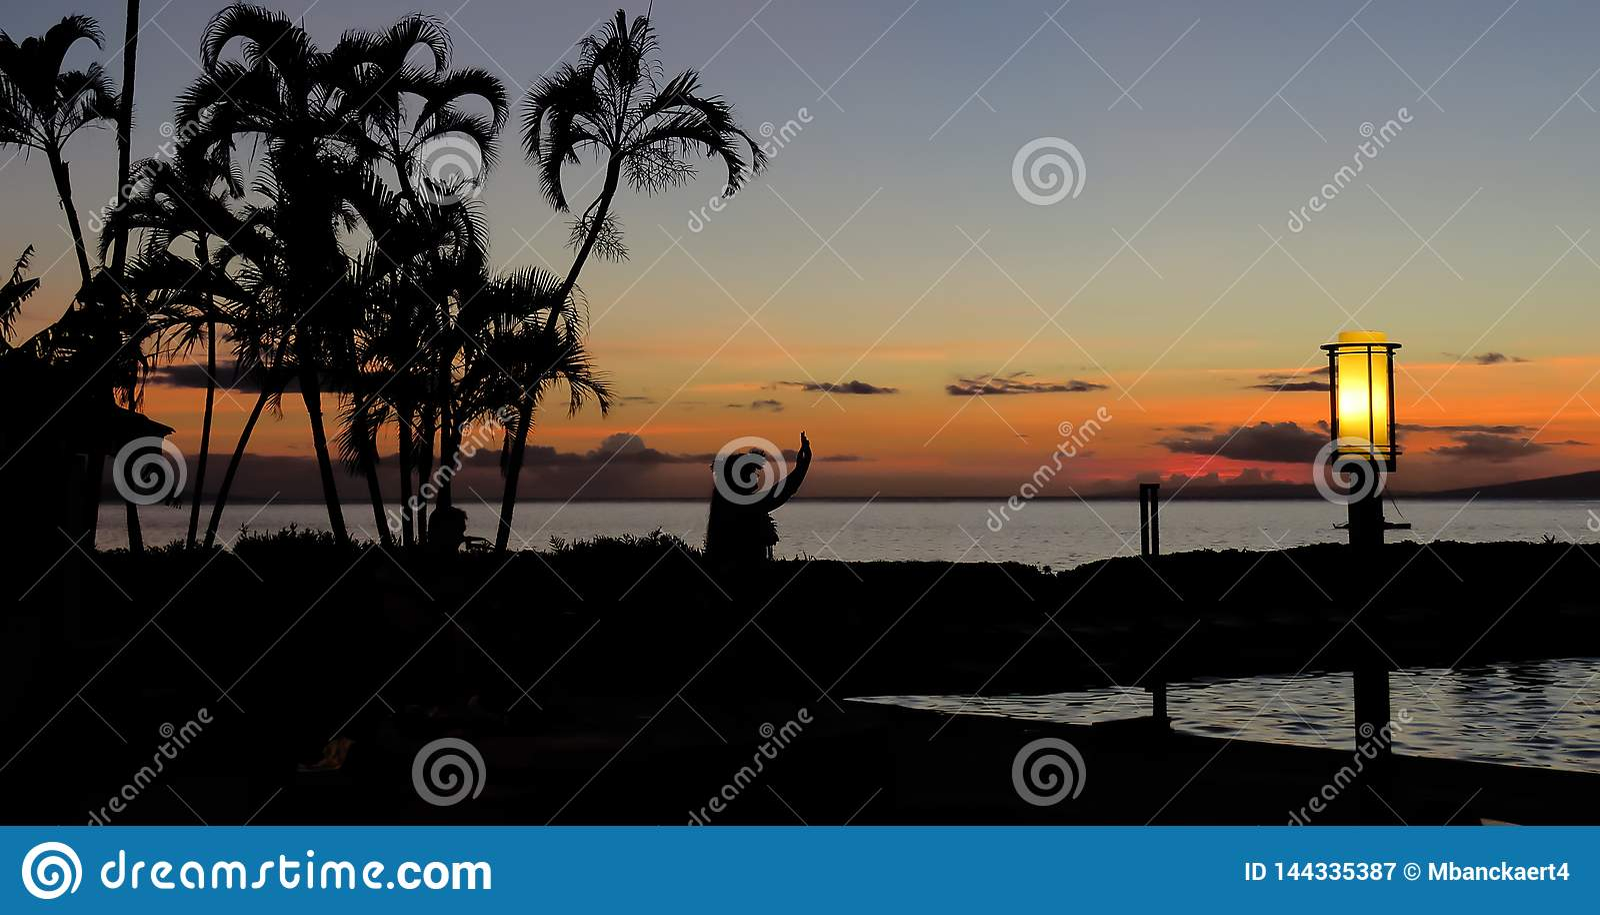 夏威夷hula舞蹈家的剪影日落的与在海滩,拉海纳,毛伊,夏威夷的棕榈树